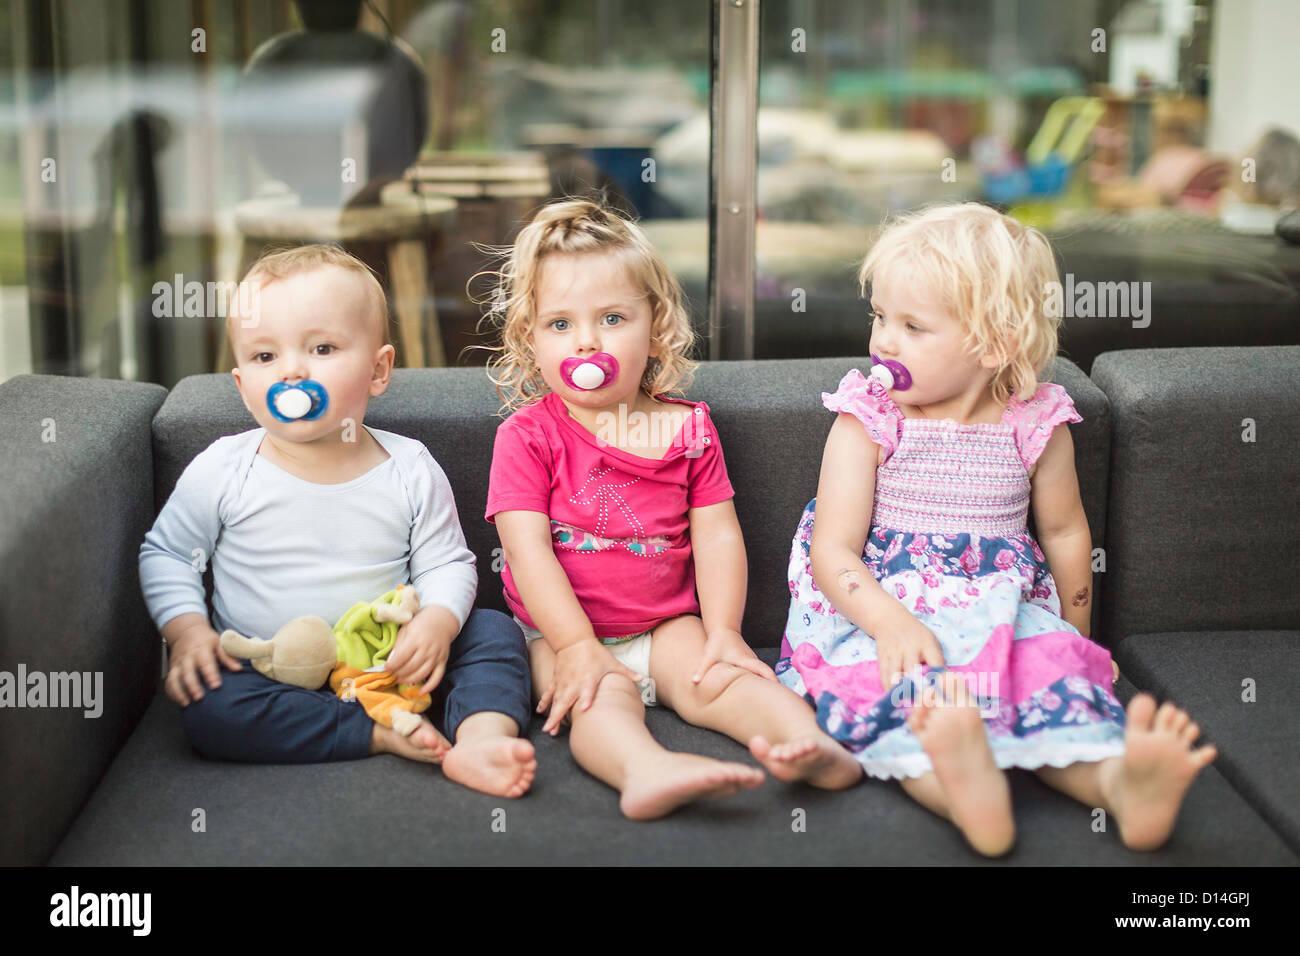 Kleinkinder, die zusammen am Schnuller saugen Stockbild